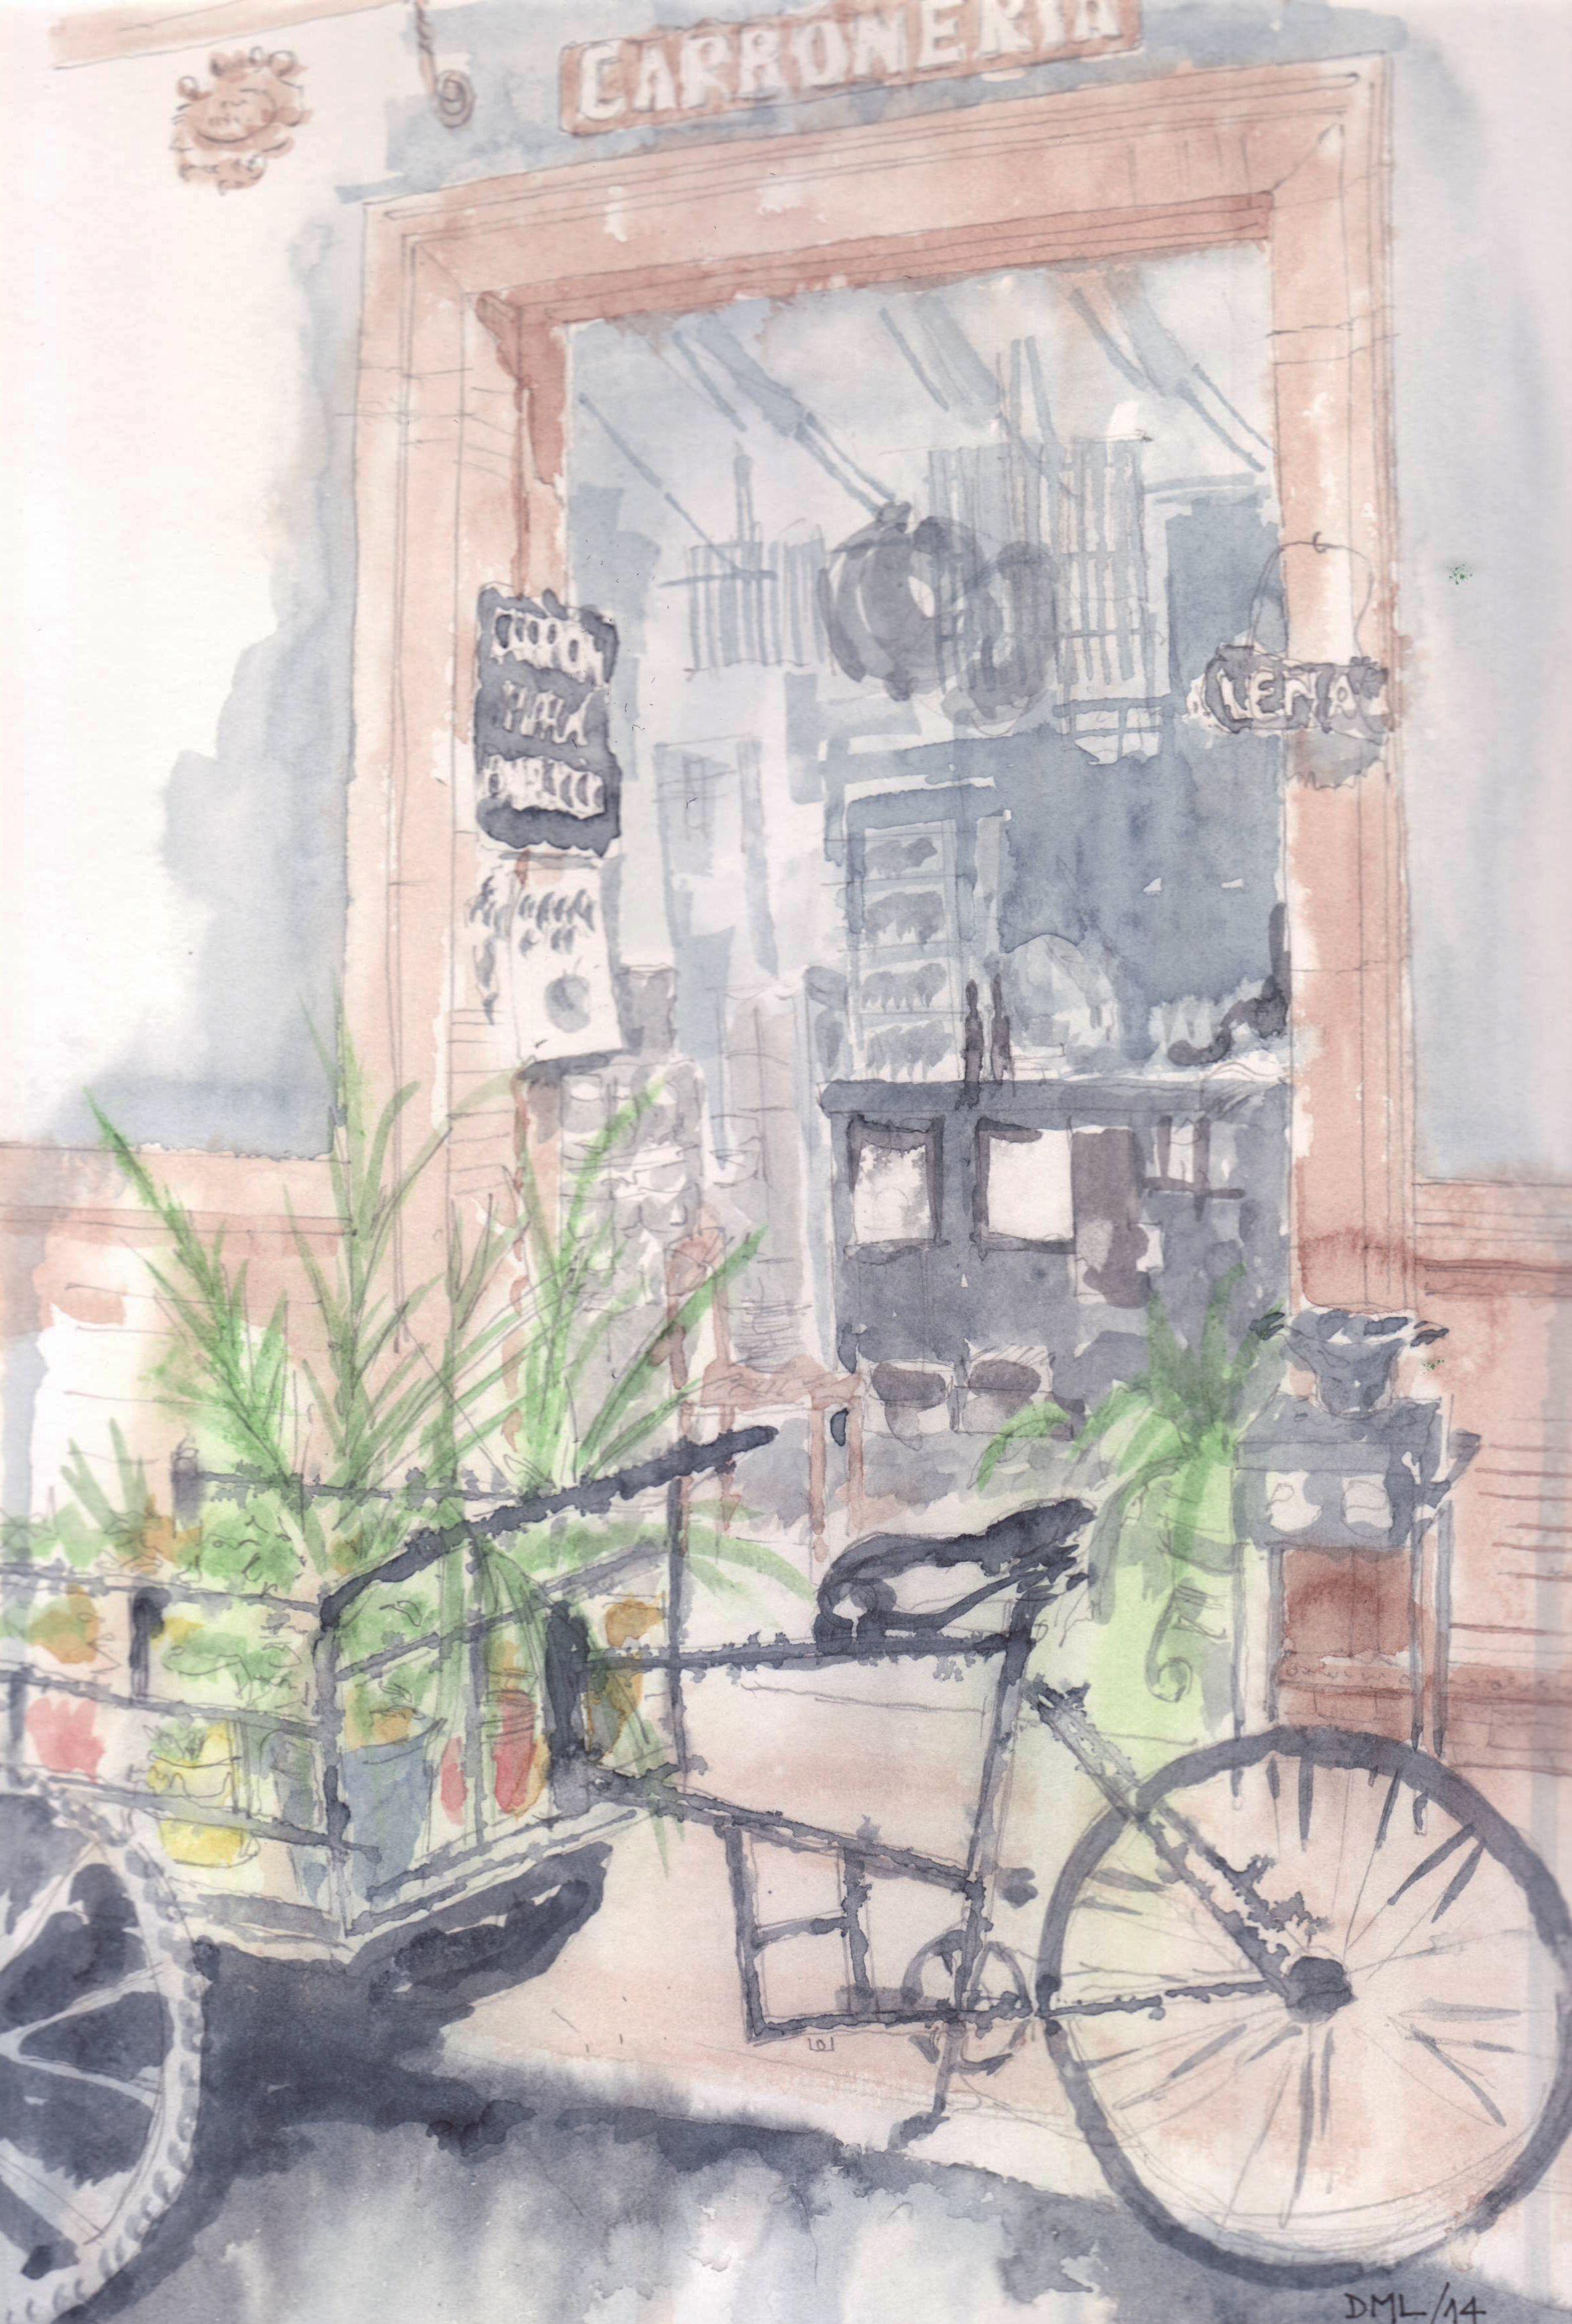 Carbonería en Sevilla - watercolor